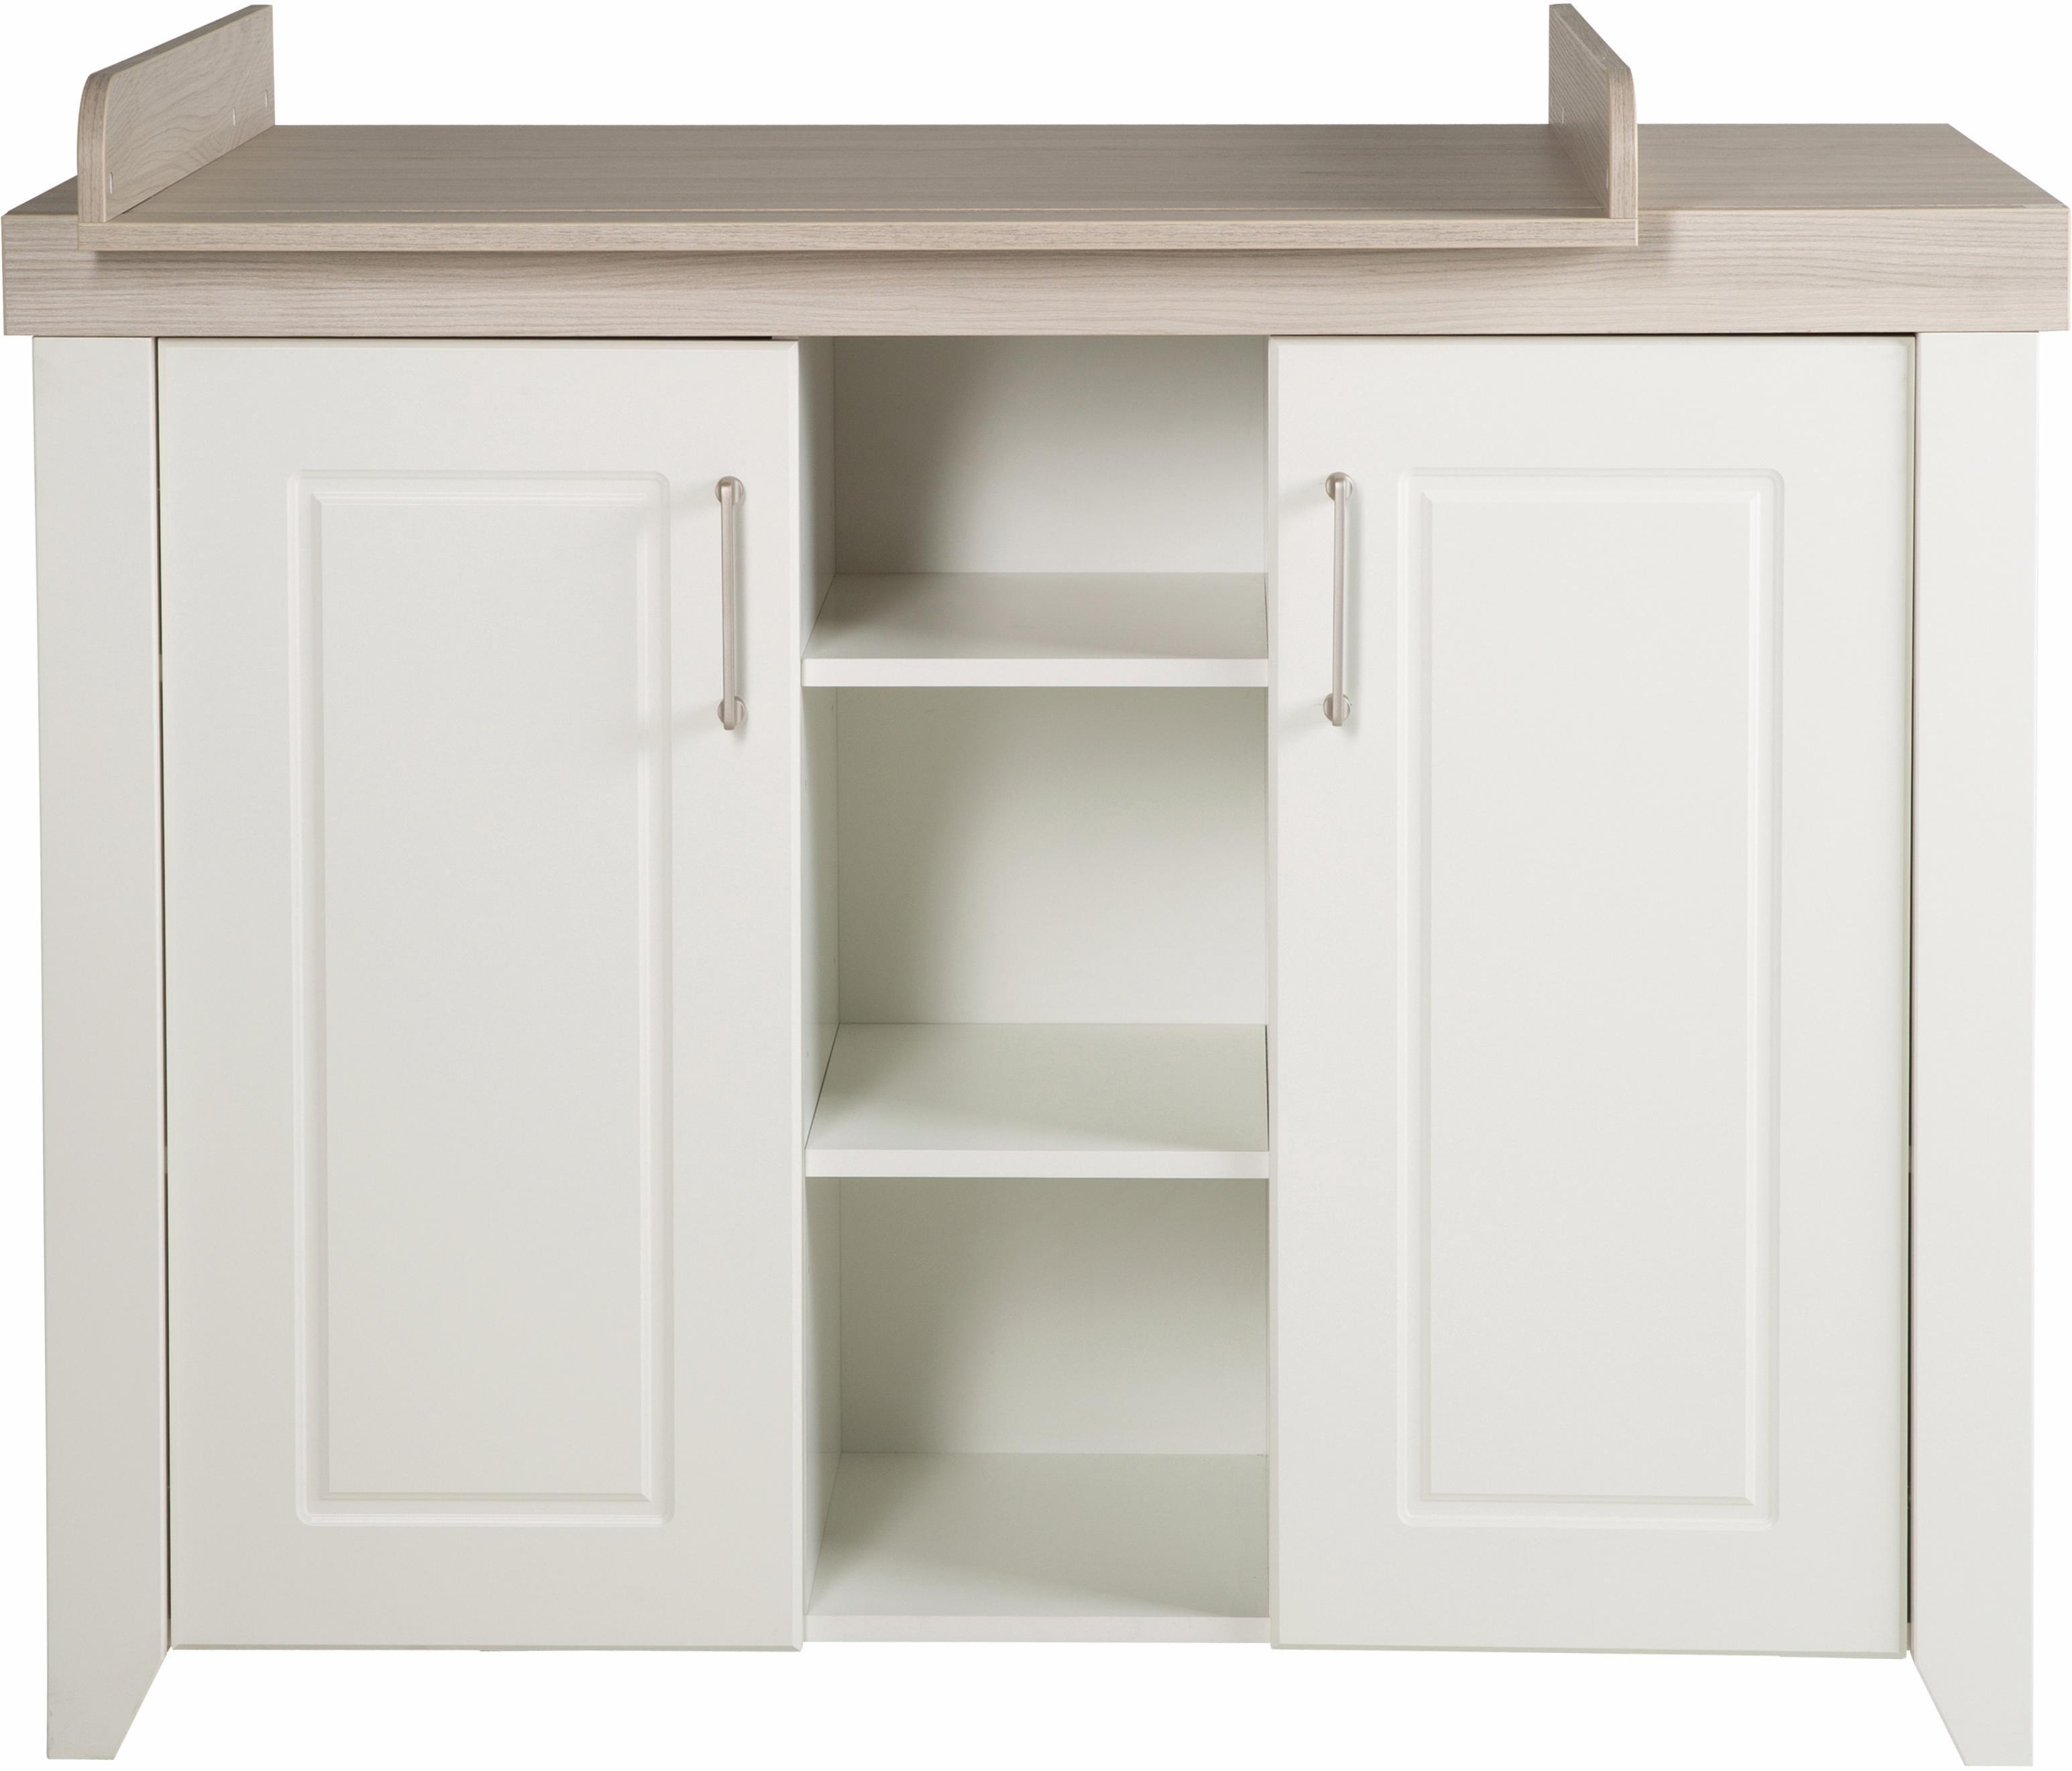 wickelkommode landhaus preisvergleich die besten angebote online kaufen. Black Bedroom Furniture Sets. Home Design Ideas